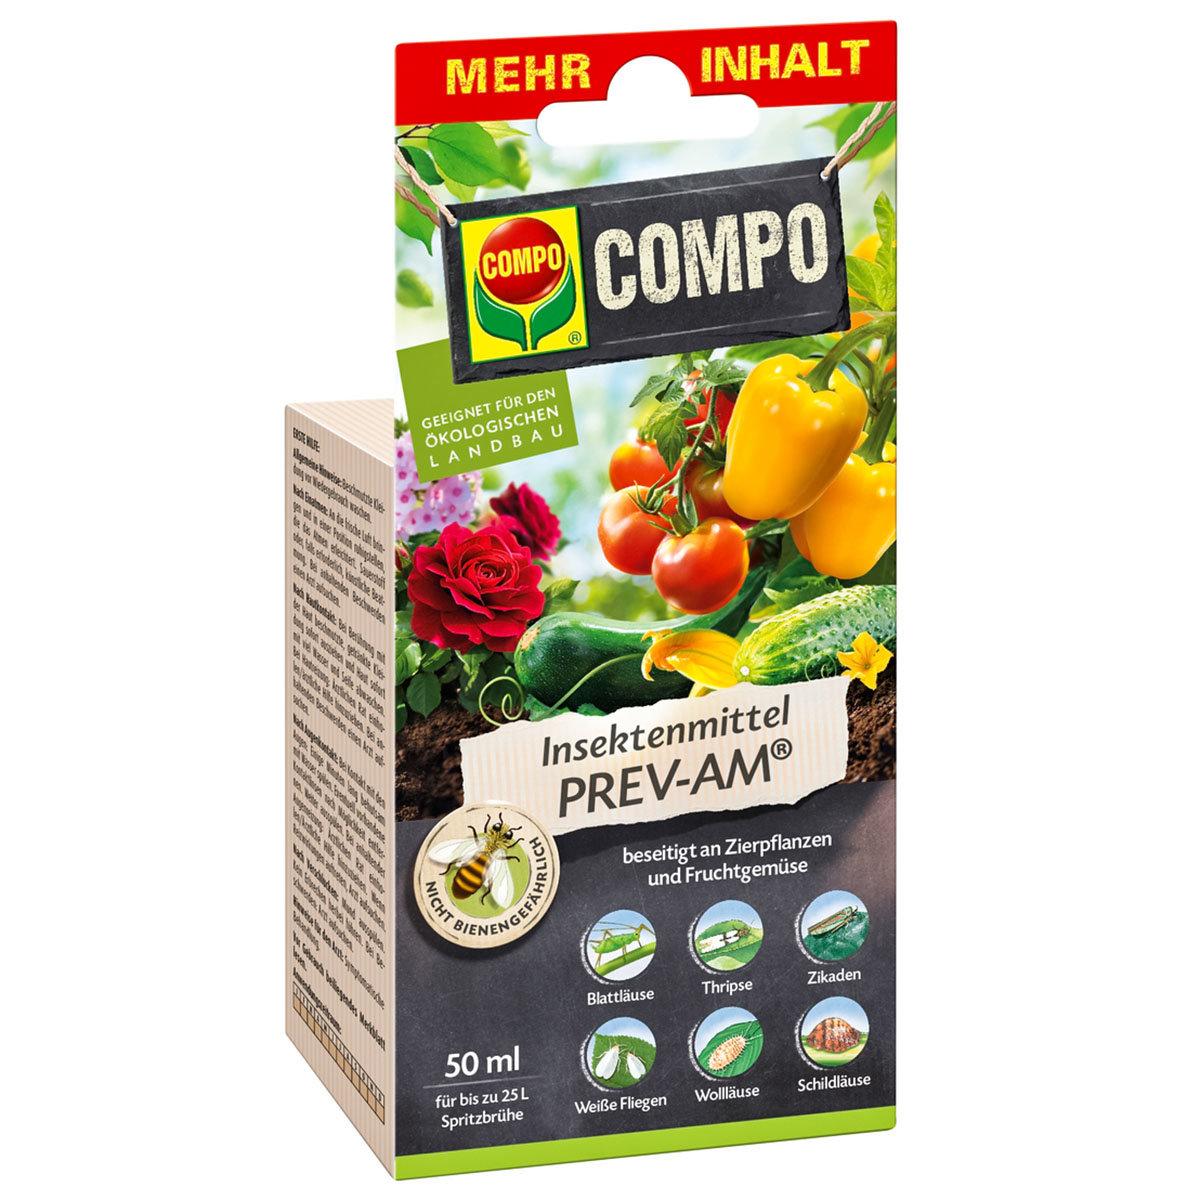 Insektenmittel PREV-AM, 50 ml